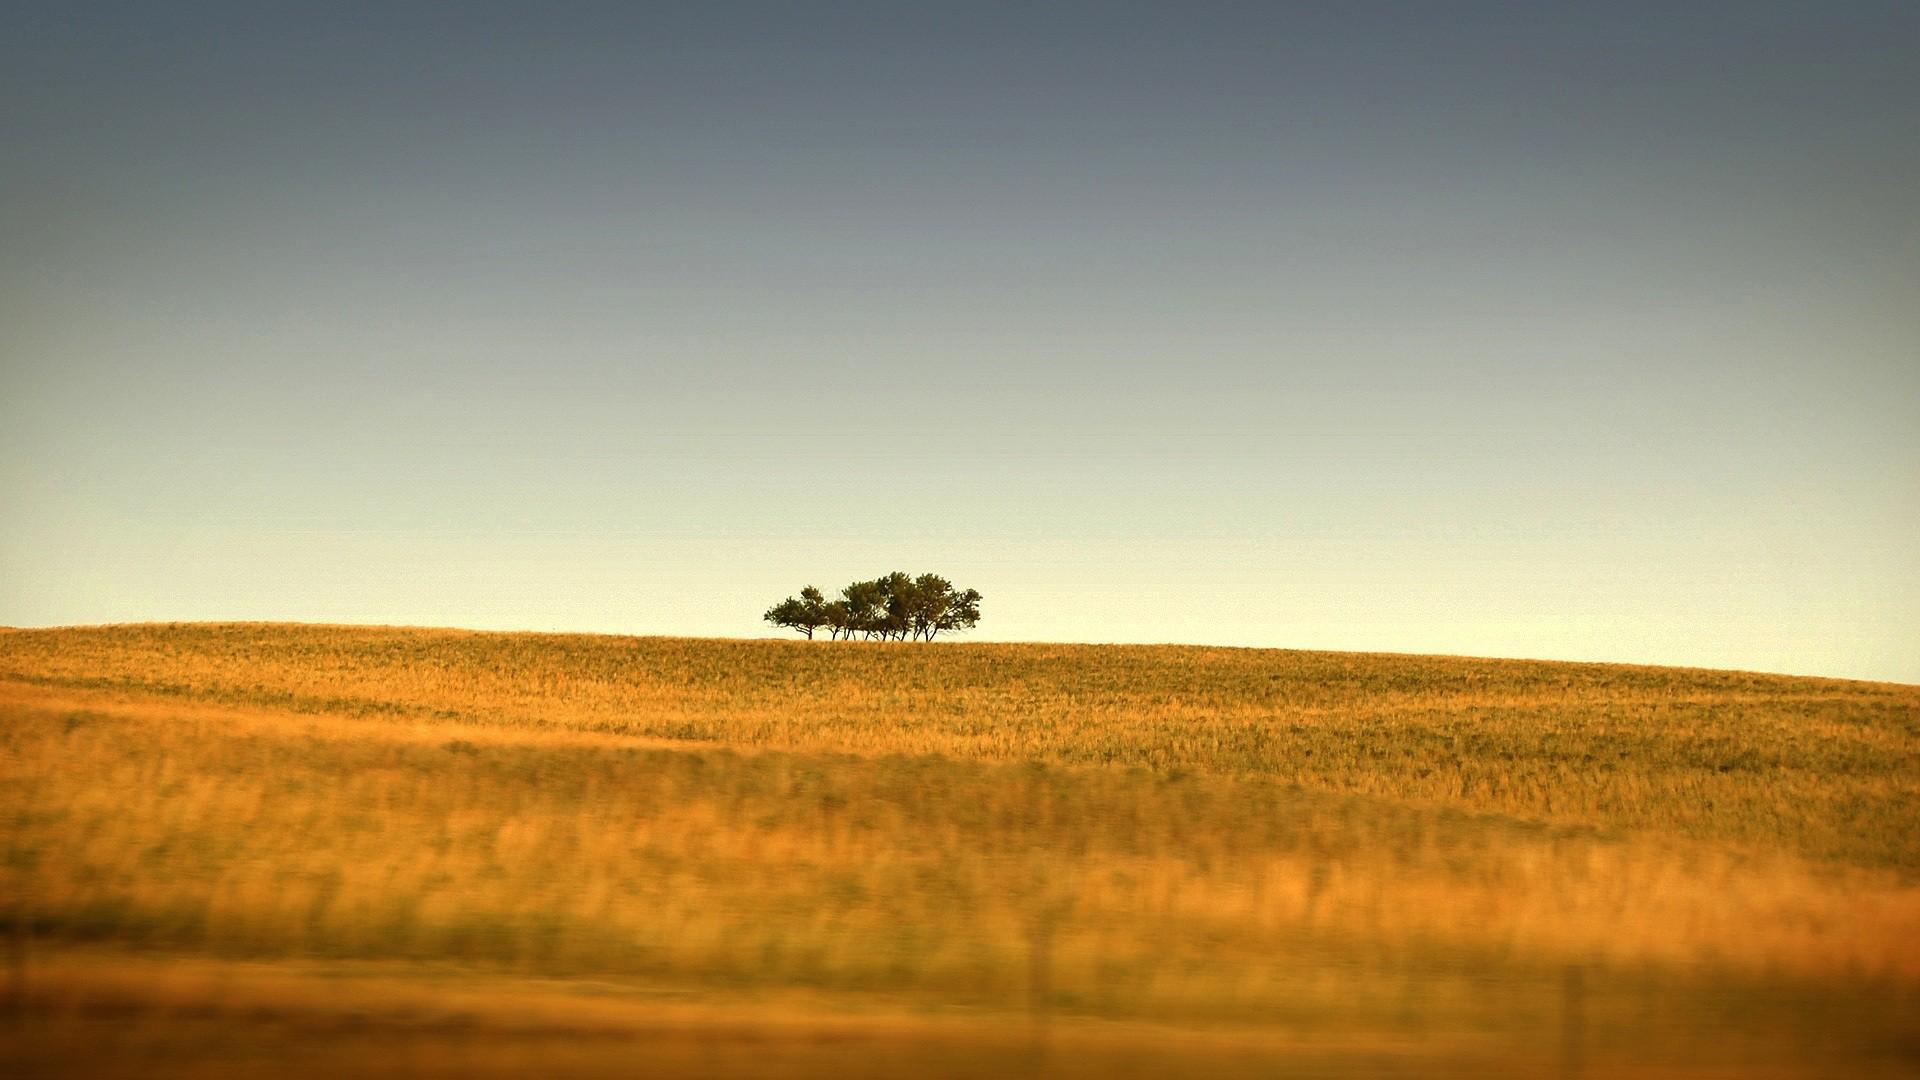 природа поле горизонт  № 3896379 бесплатно